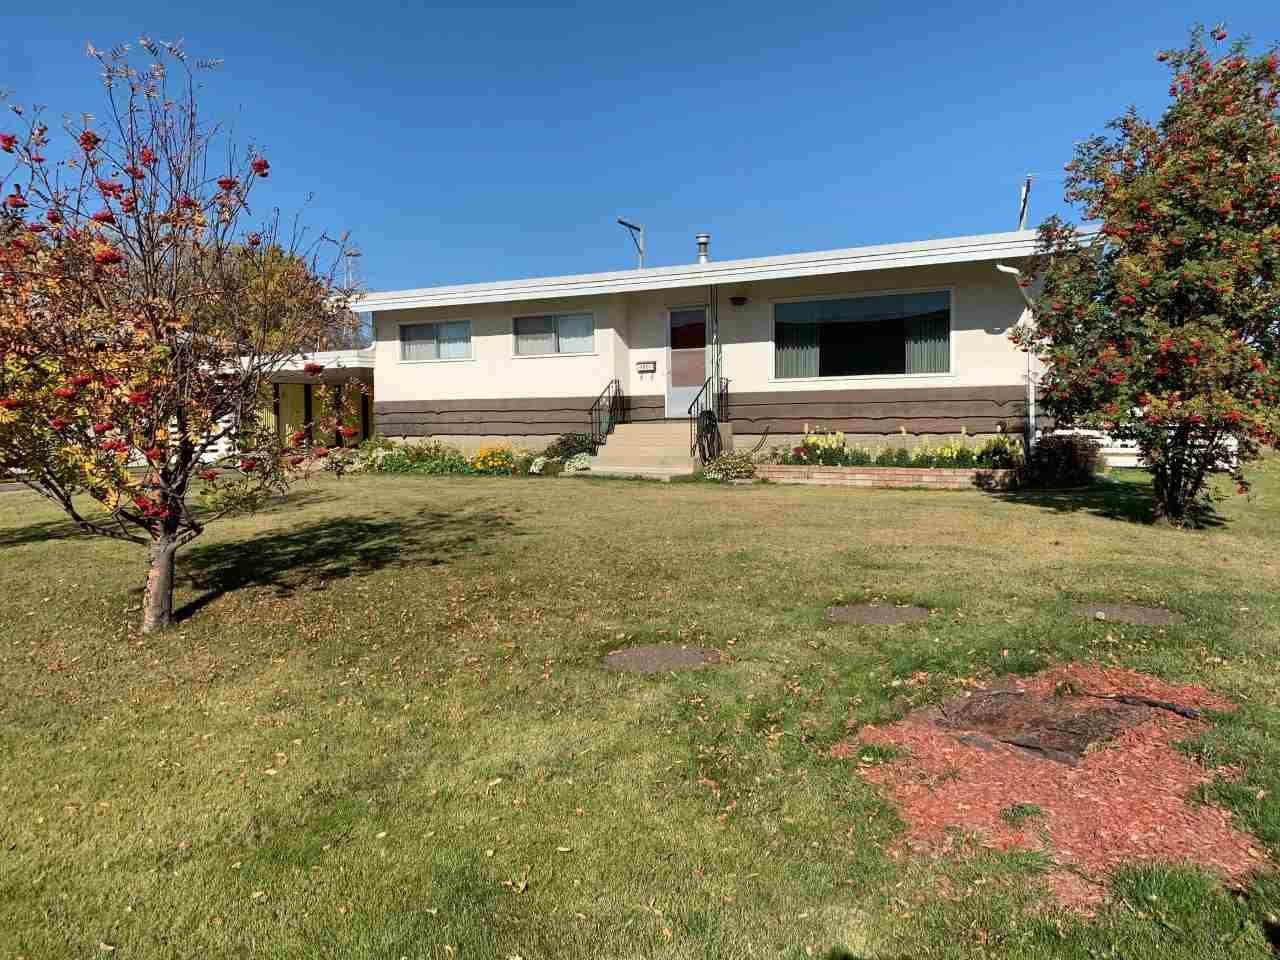 Main Photo: 9804 104 Avenue in Fort St. John: Fort St. John - City NE House for sale (Fort St. John (Zone 60))  : MLS®# R2504388